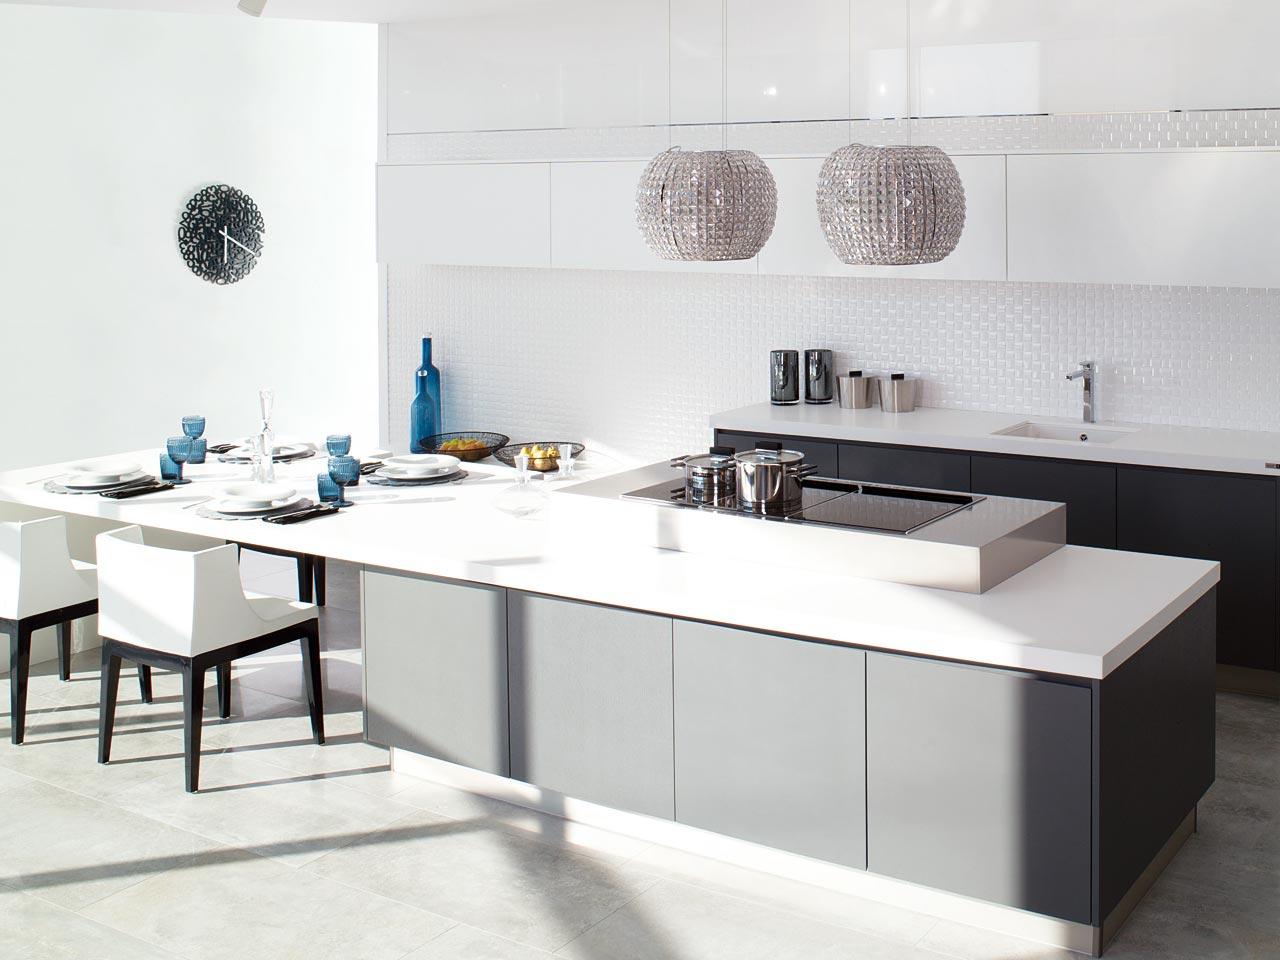 Cocina style contemporaneo color azul blanco gris negro for Azulejos cocina porcelanosa